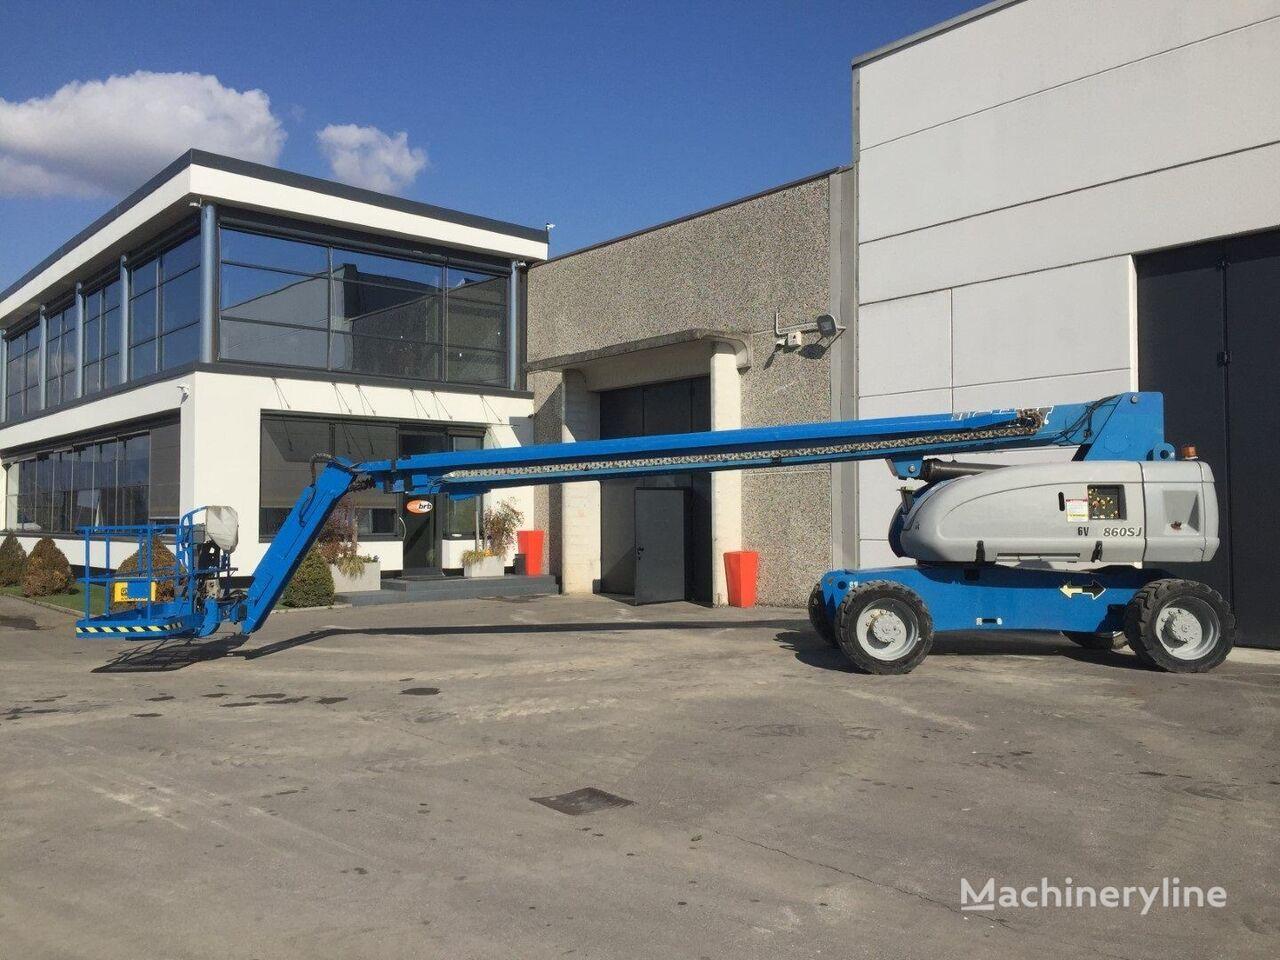 JLG 860 SJ telescopic boom lift